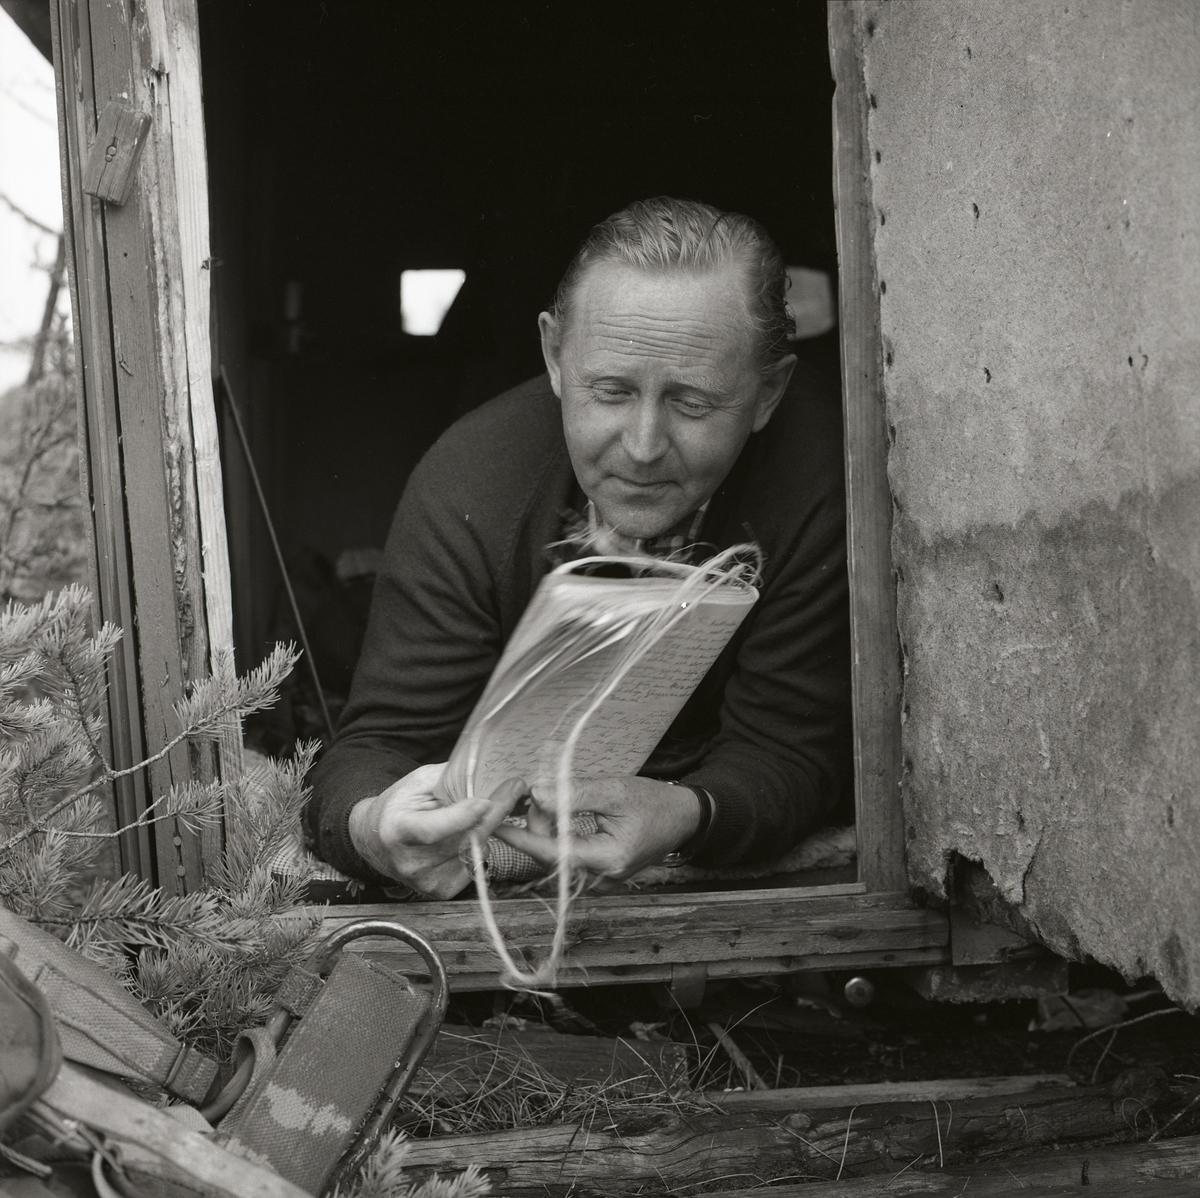 I en koja på Degelmyren ligger en man och läser i ett anteckningsblock. Kojans slitna dörr är öppen och mannen ligger lutad mot dörrkarmen. Längs ned till vänster skymtar axelband från en ryggsäck fram.